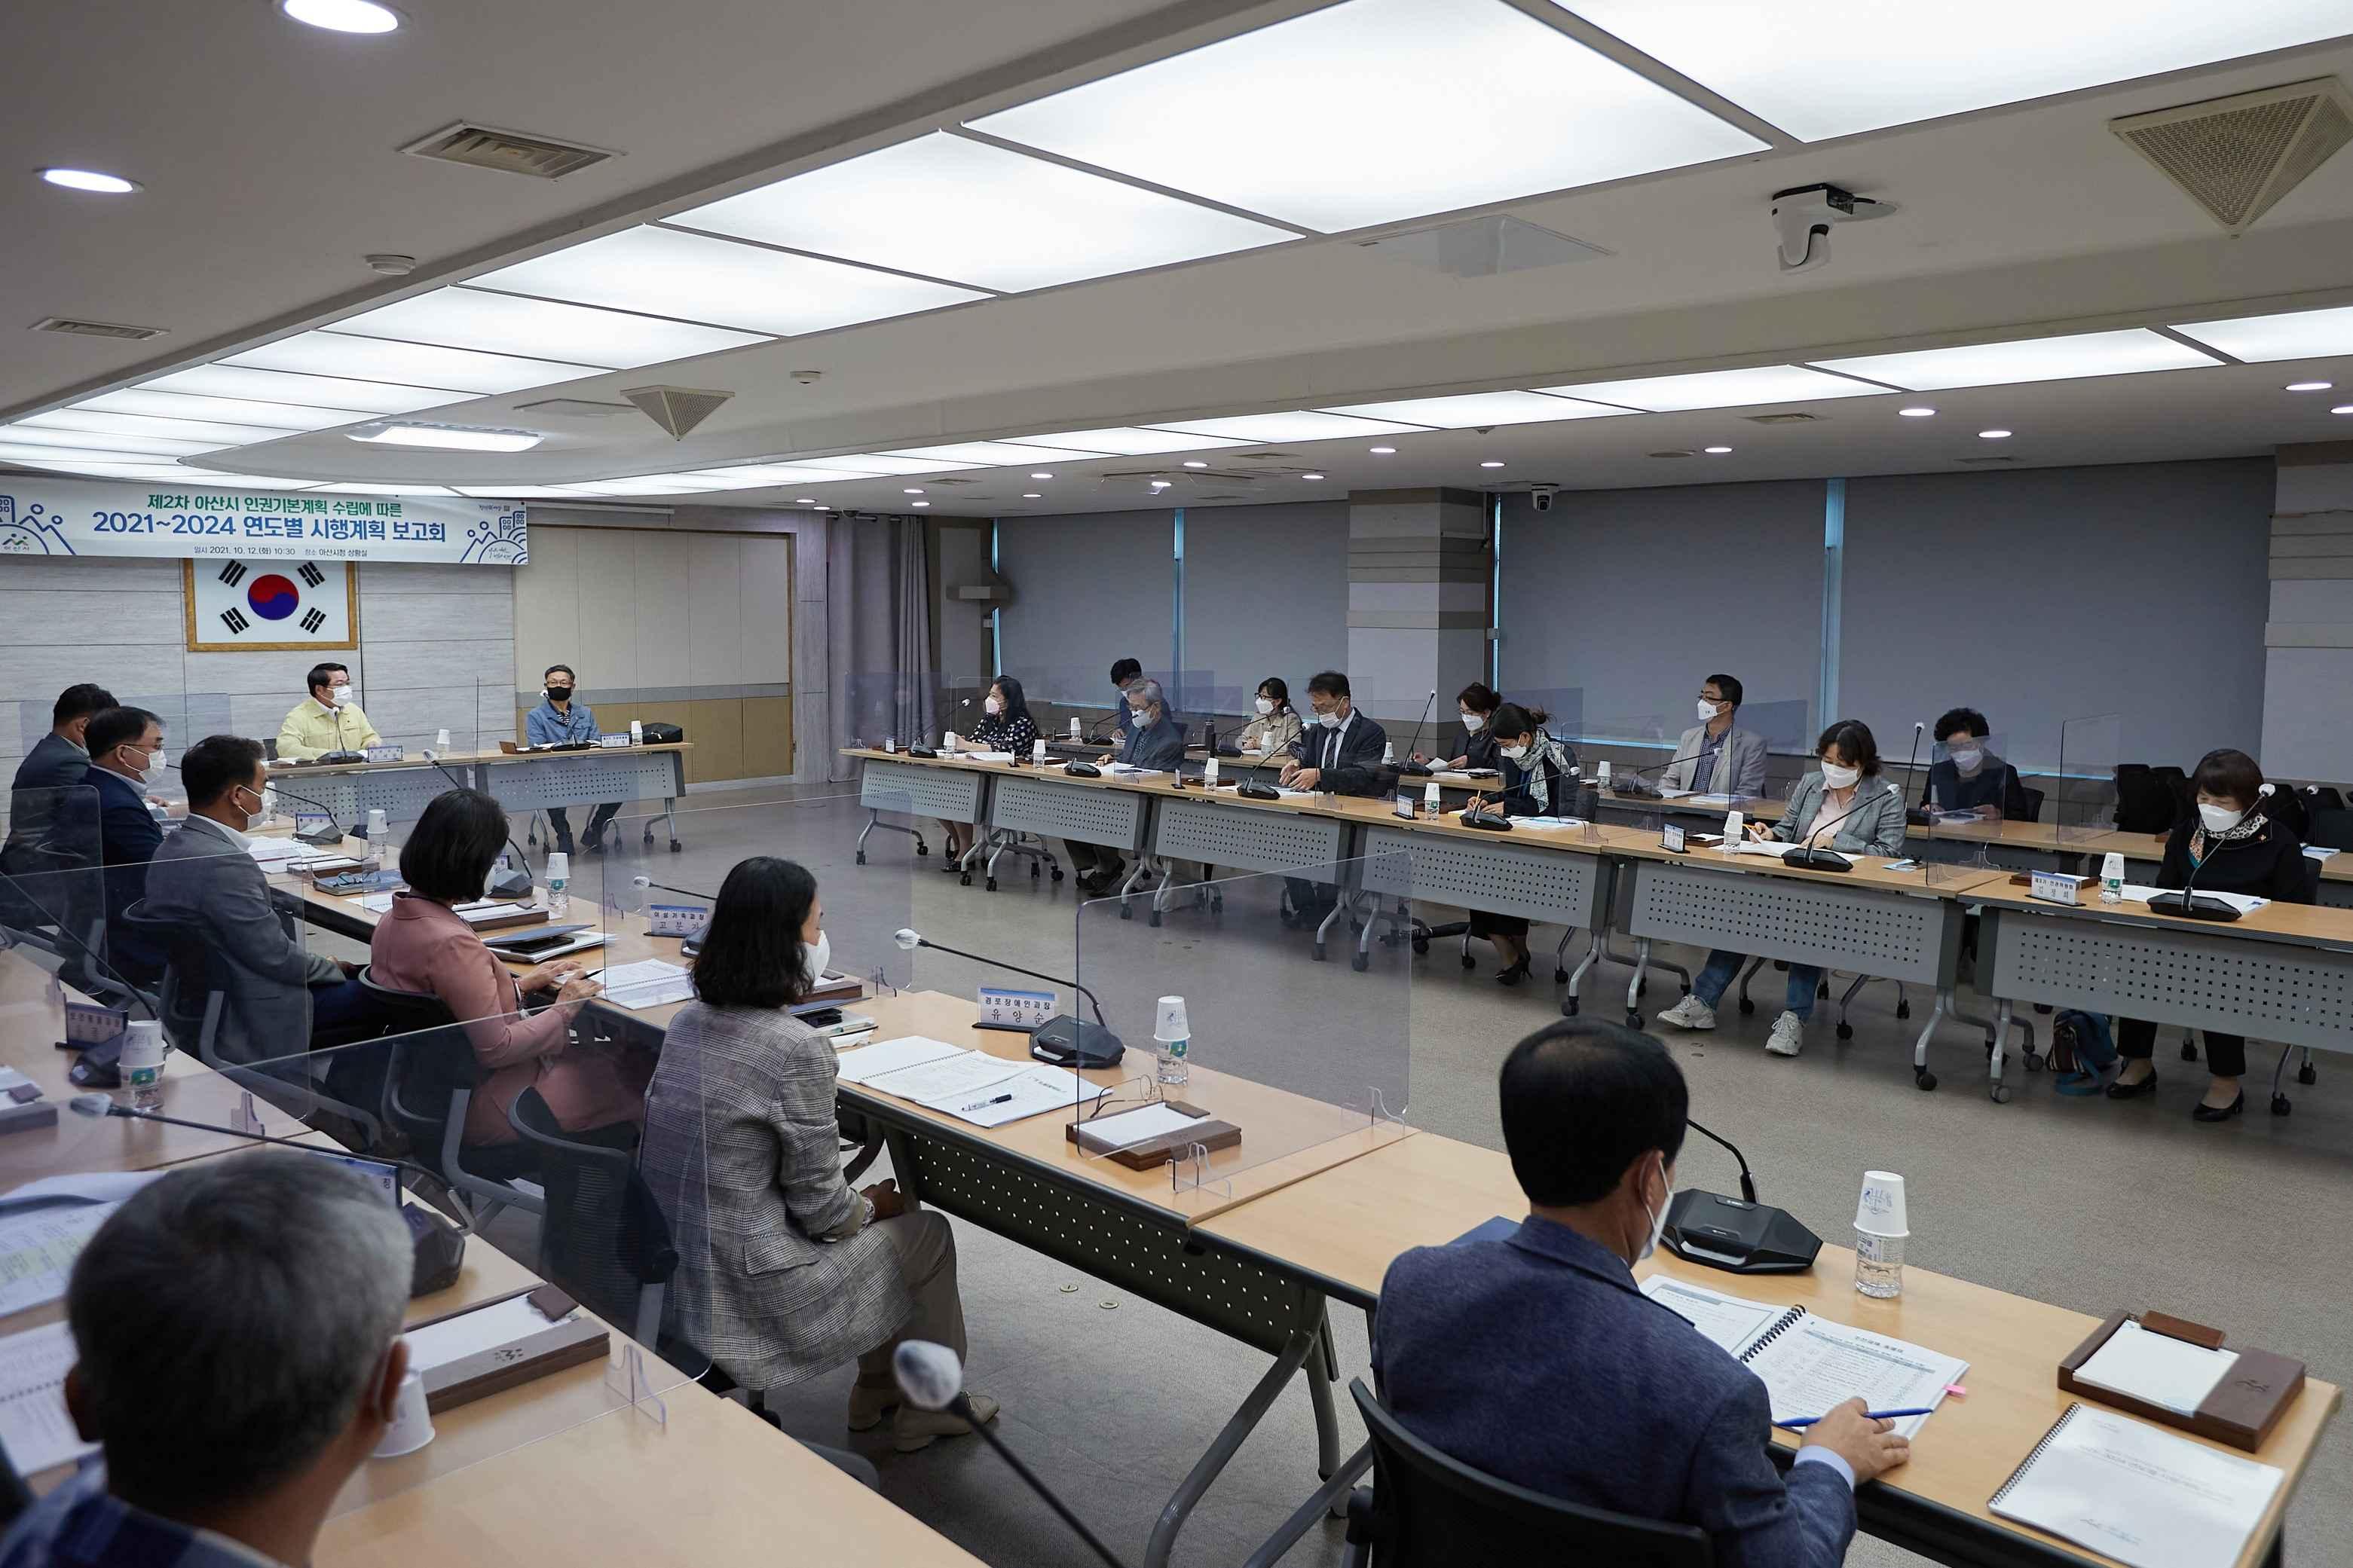 2021.10.12.제2차 인권기본계획 2021-2024 연도별 시행계획 보고회